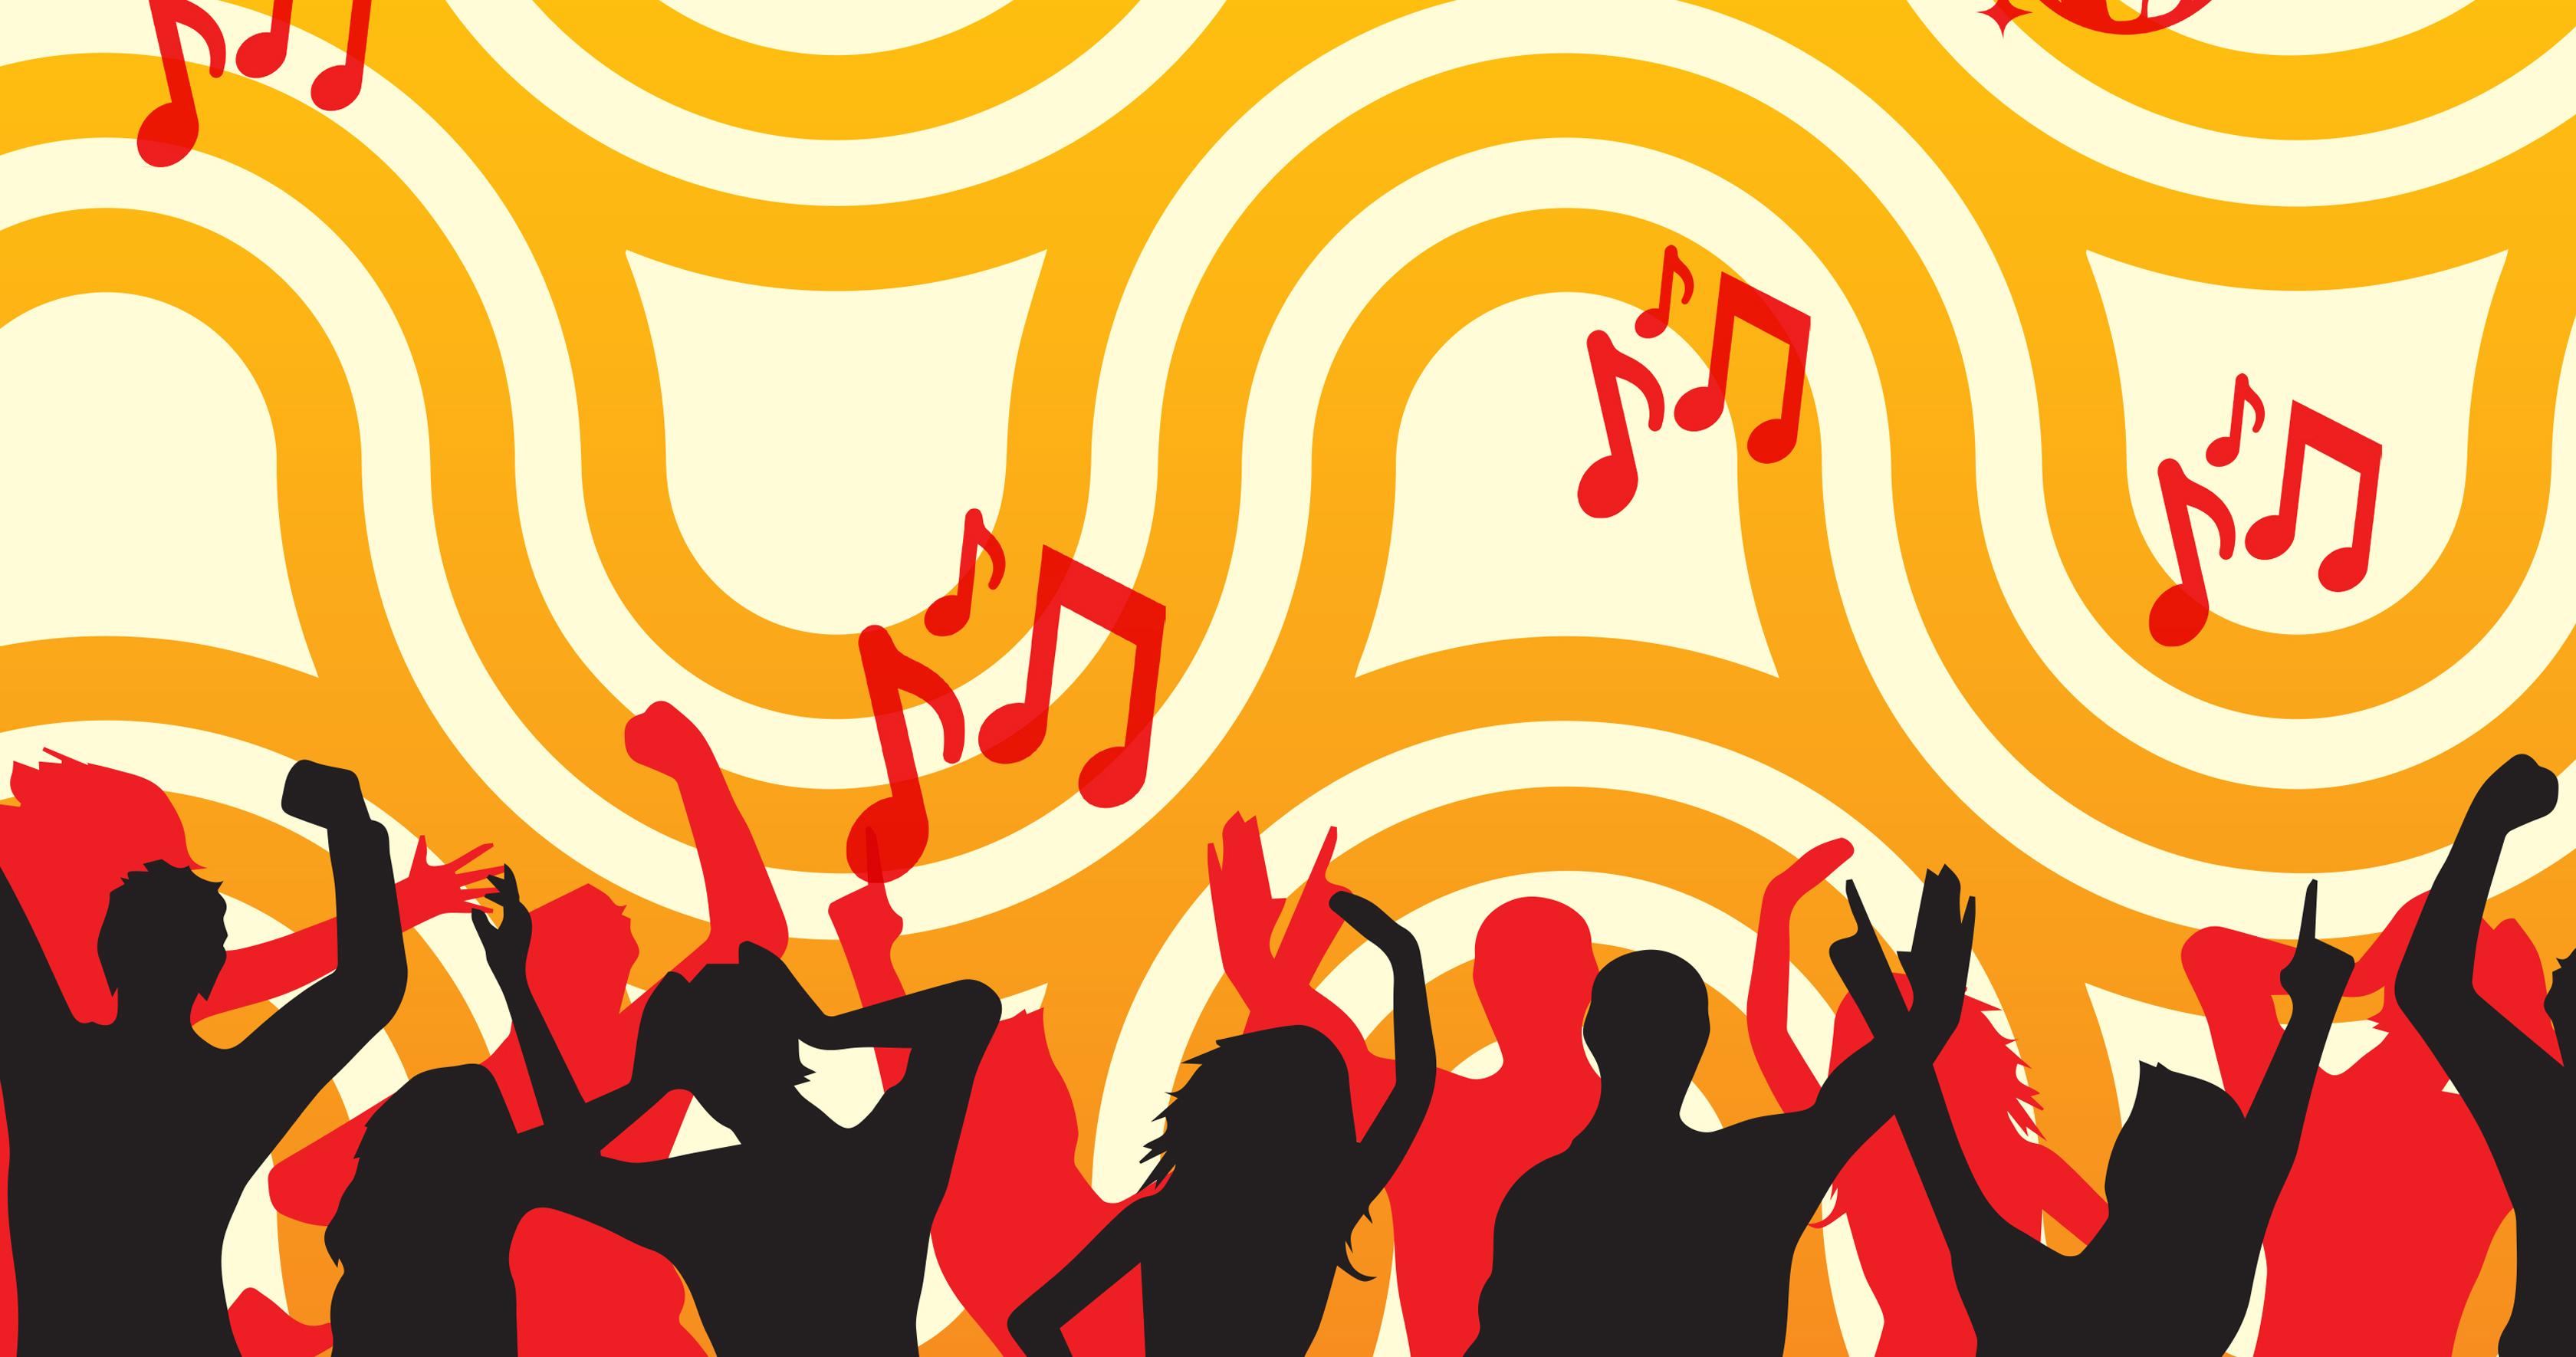 מחנה קיץ מוזיקלי